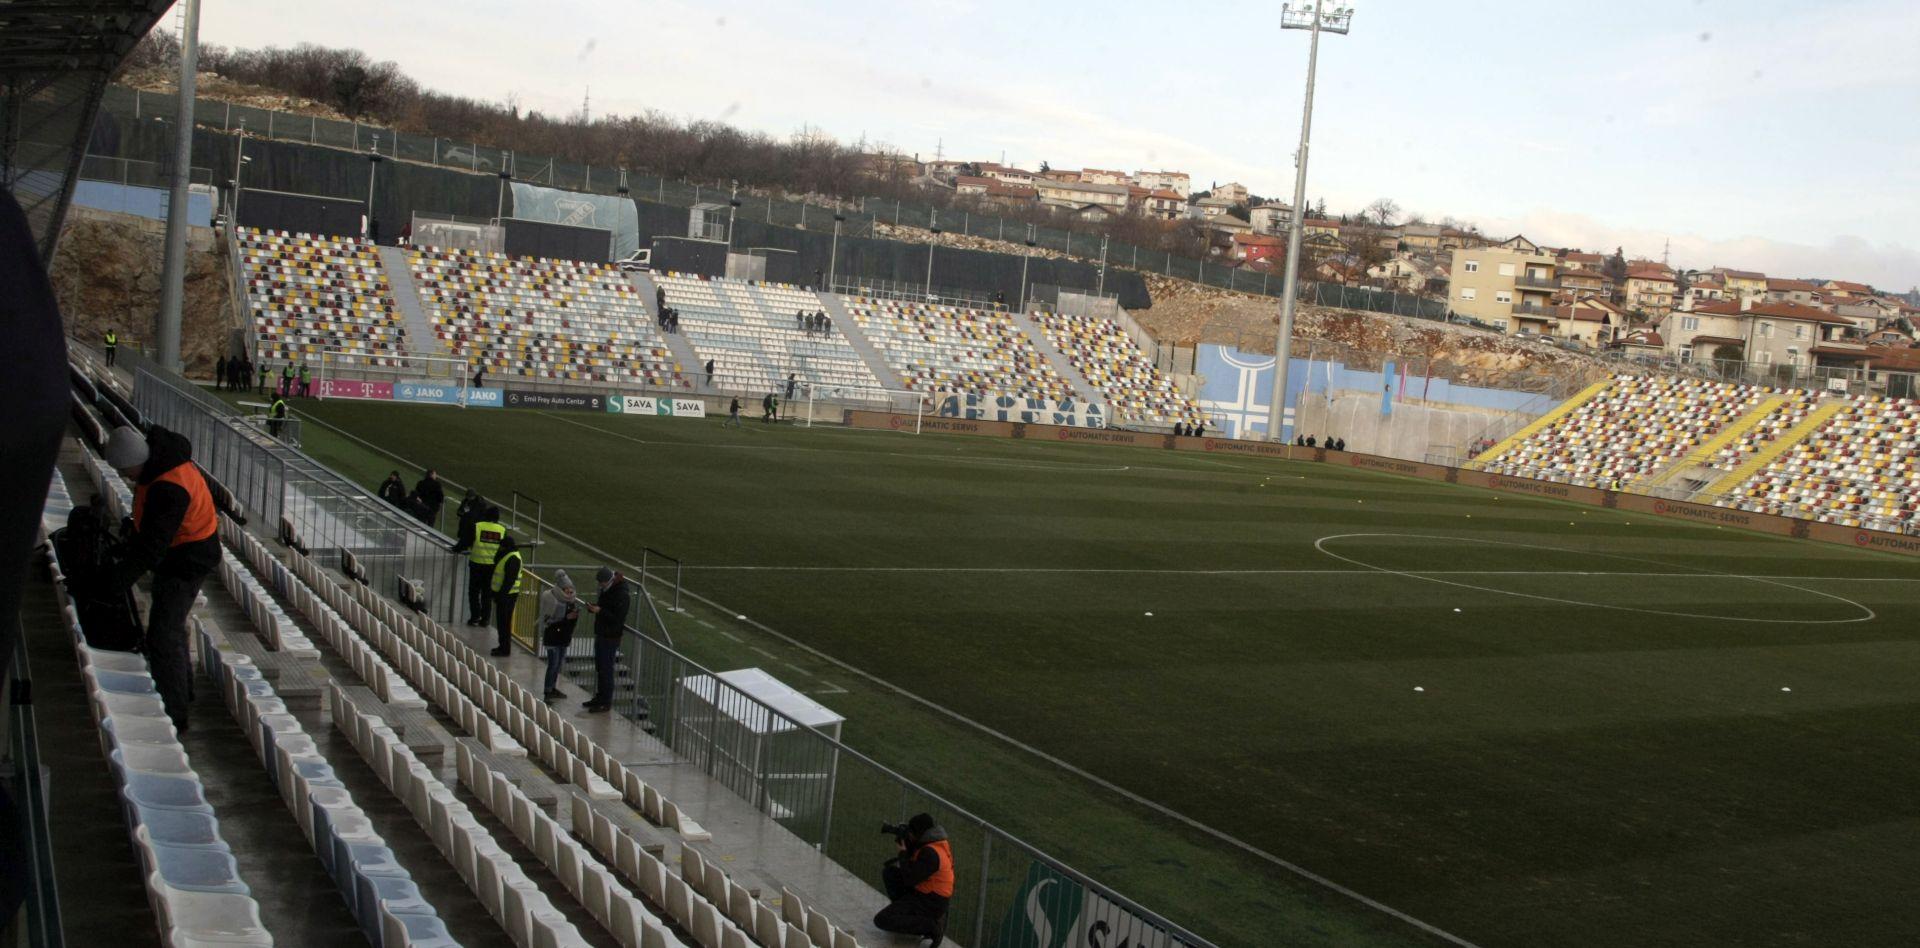 Pripadnicima Civilne zaštite besplatna godišnja pretplata na utakmice NK Rijeka